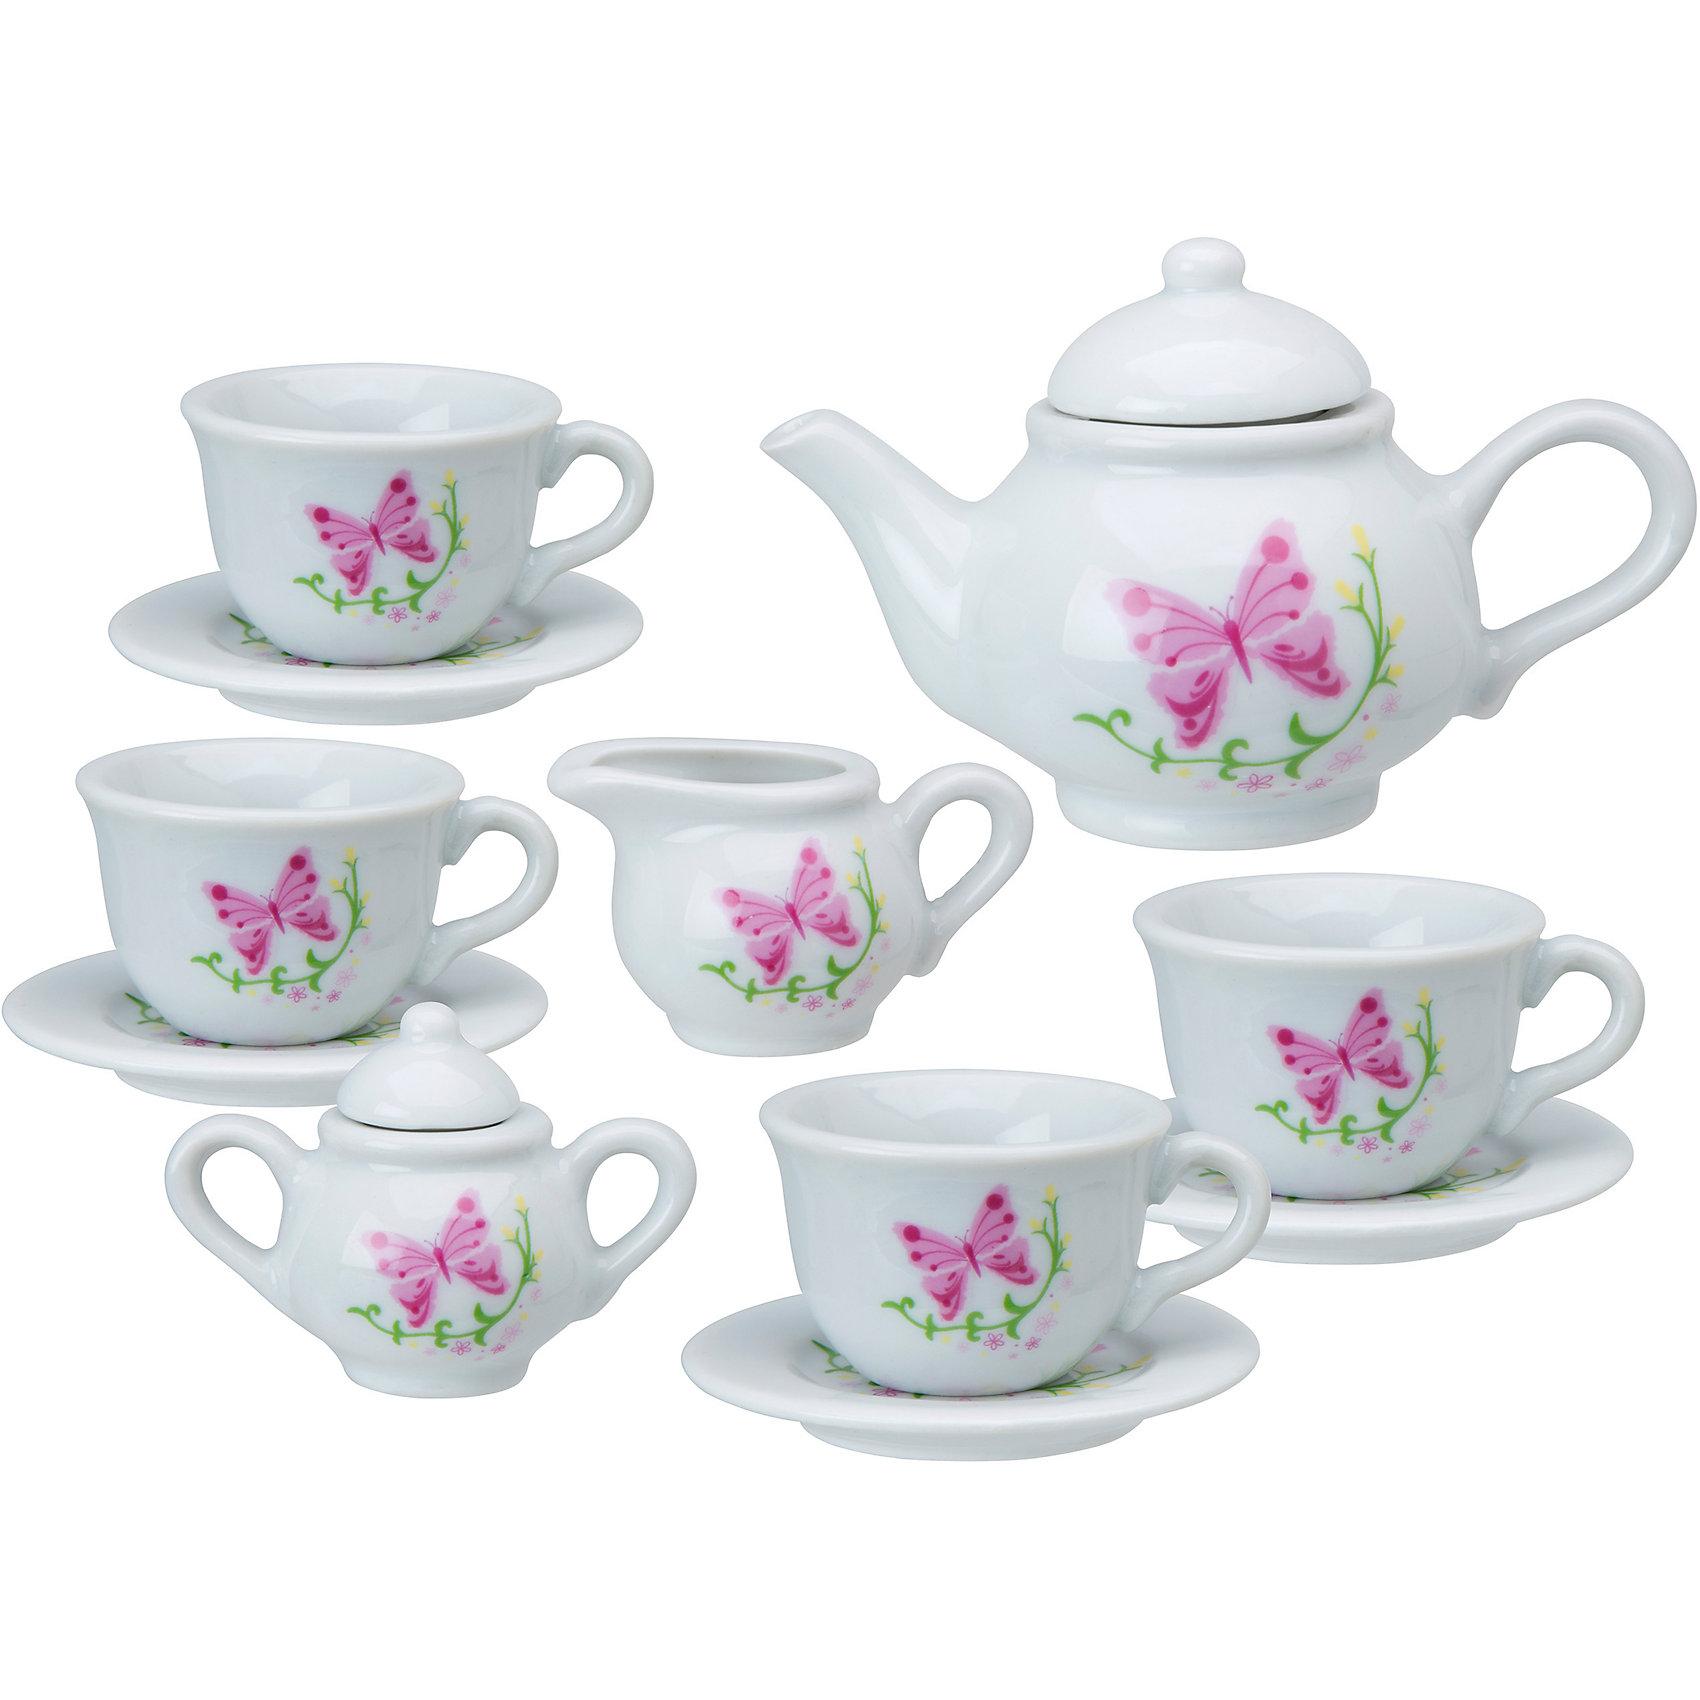 ALEX Чайный сервиз Бабочки в саду, 13 предметов, ALEX игровой набор для девочки alex чайный сервиз поймай бабочку